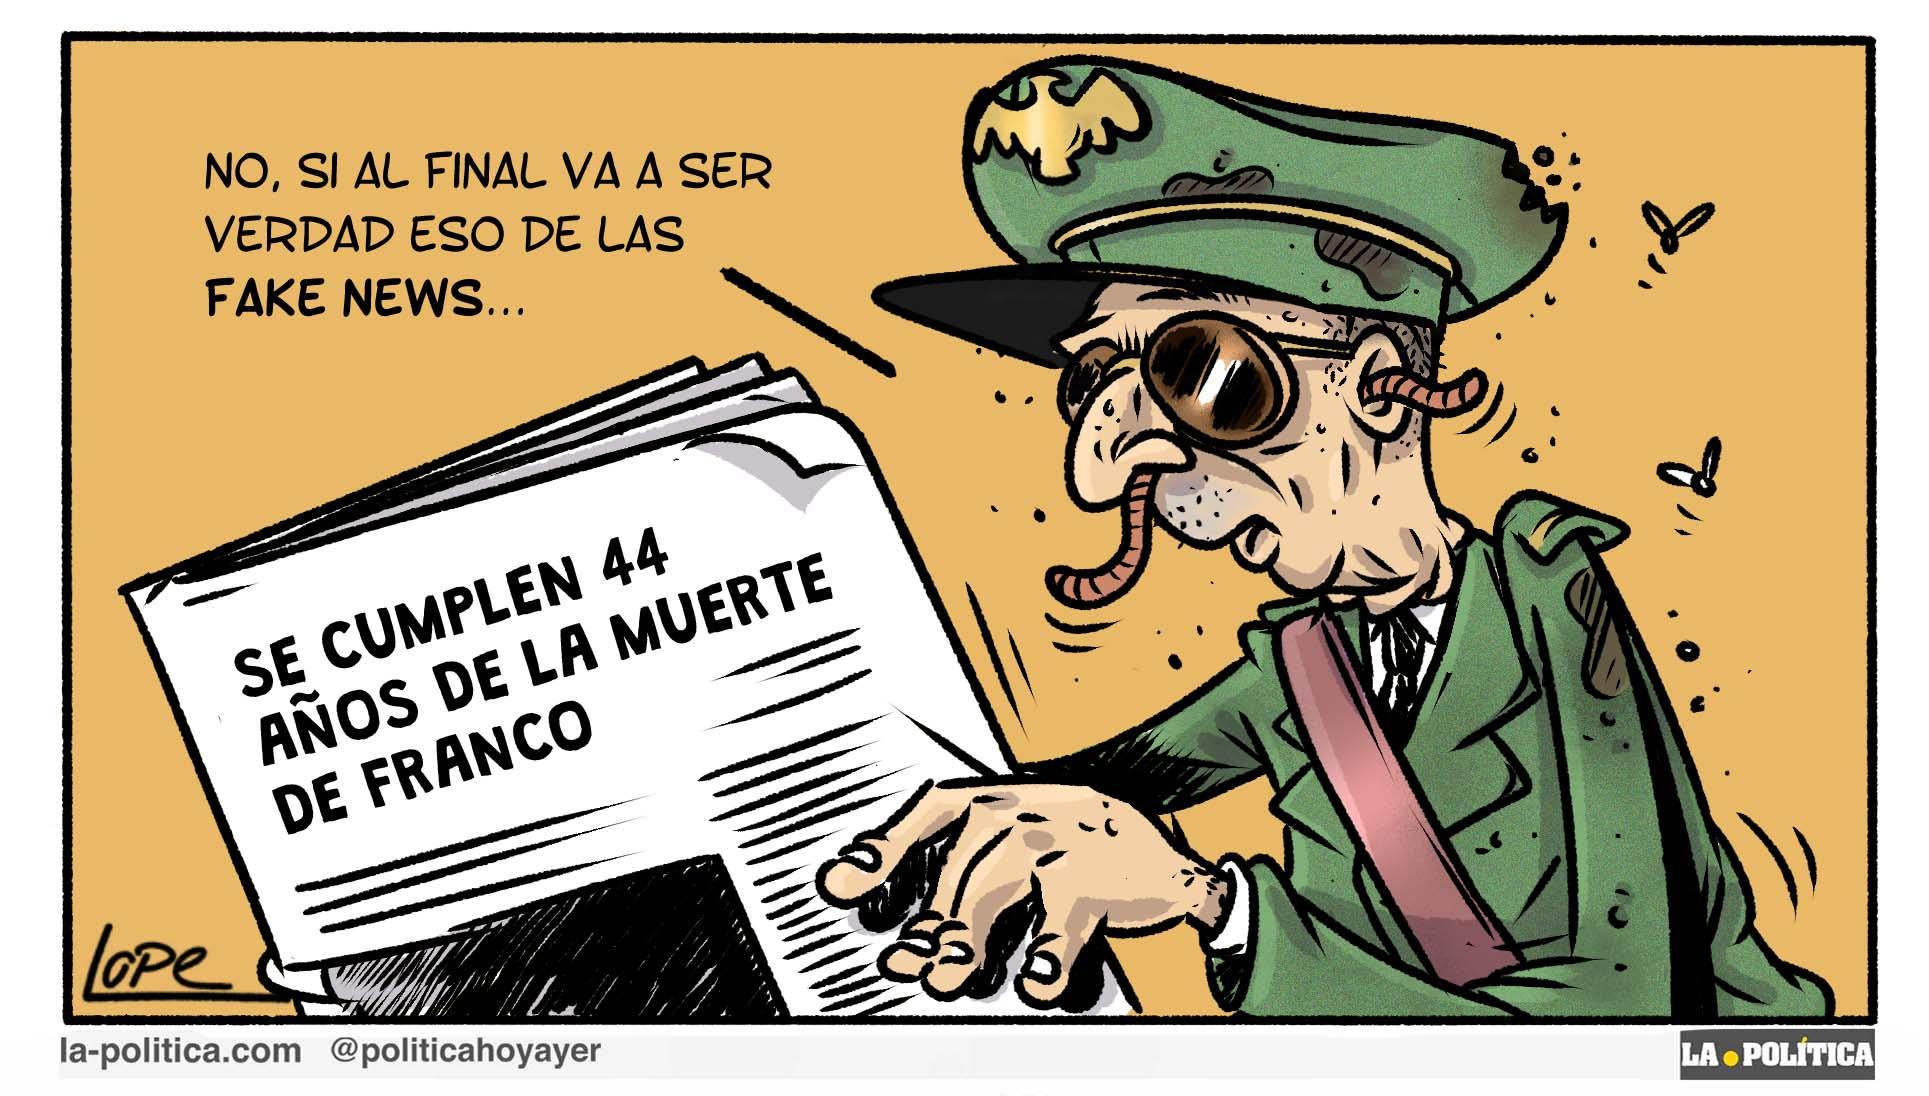 SE CUMPLEN 44 AÑOS DE LA MUERTE DE FRANCO. - No sí al final va a ser verdad eso de las fake news... (Viñeta de Lope)